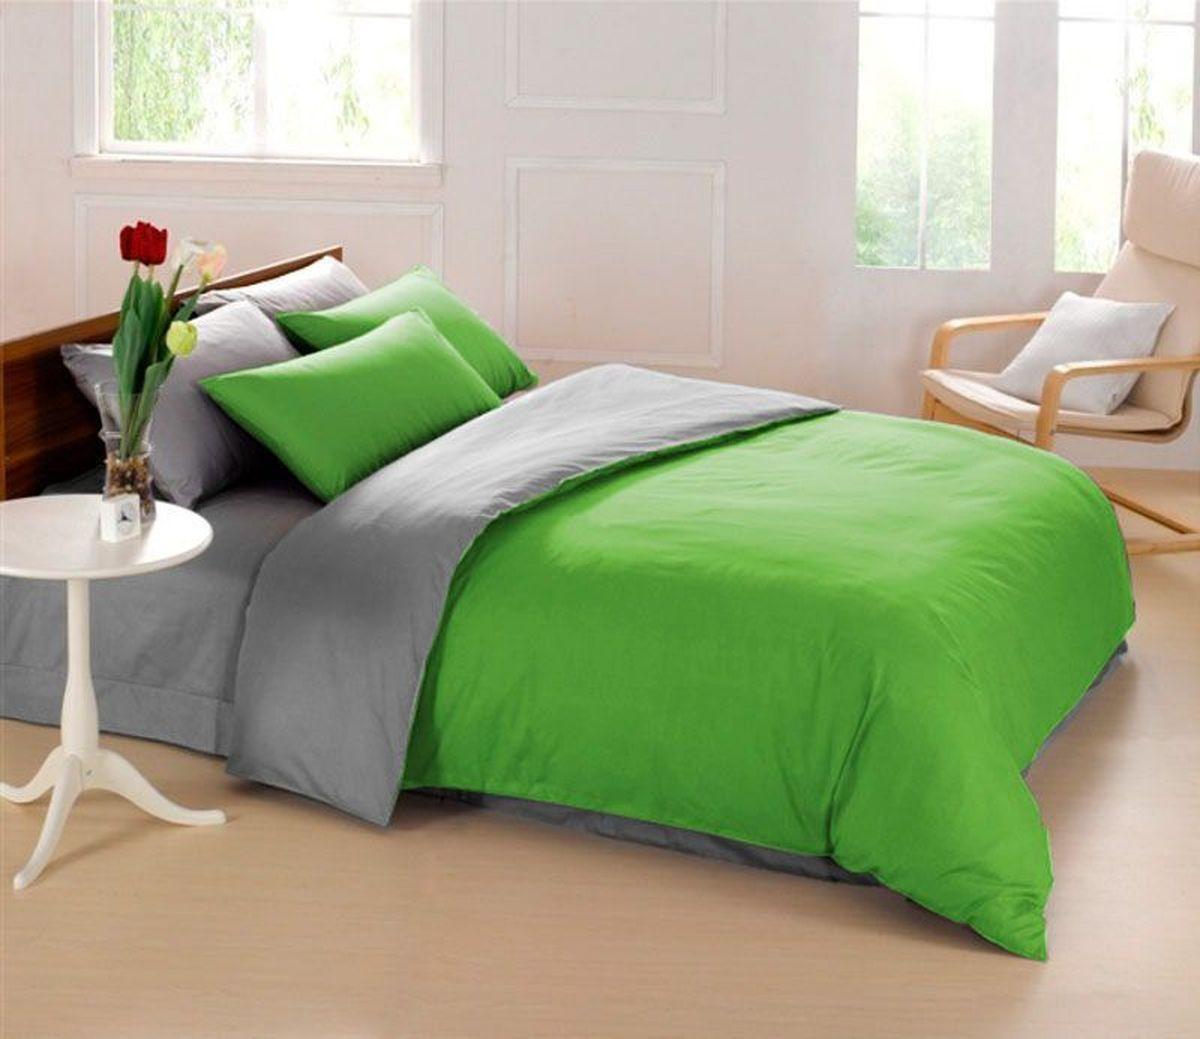 Комплект белья Sleep iX Perfection, семейный, наволочки 50х70, 70х70,цвет: зеленый, серый01-1277-2Комплект постельного белья Sleep iX Perfection состоит из двух пододеяльников, простыни и четырех наволочек. Предметы комплекта выполнены из абсолютно гипоаллергенной микрофибры, неприхотливой в уходе.Благодаря такому комплекту постельного белья вы сможете создать атмосферу уюта и комфорта в вашей спальне.Известно, что цвет напрямую воздействует на психологическое и физическое состояние человека. Зеленый - успокаивающий, нейтральный, мягкий цвет. Нормализует деятельность сердечно-сосудистой системы, успокаивает сильное сердцебиение, стабилизирует артериальное давление и функции нервной системы.Серый – нейтральный цвет. Расслабляет, помогает успокоиться и способствует здоровому сну. Усиливает воздействие соседствующих цветов.